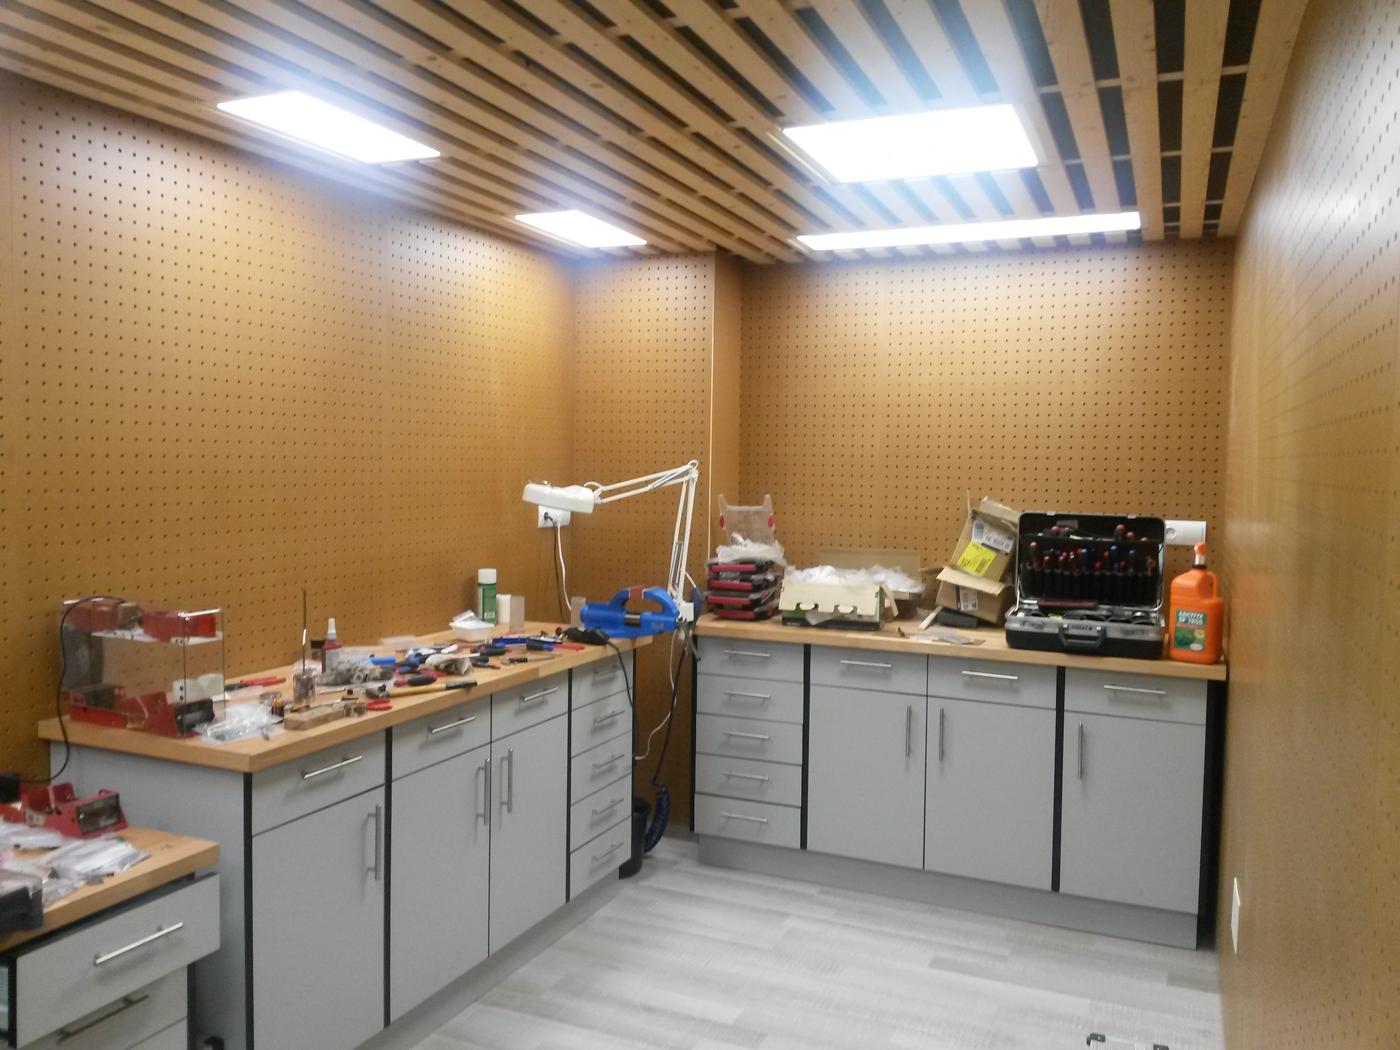 Imagen-para-taller-armero-y-galería-de-imágenes-)